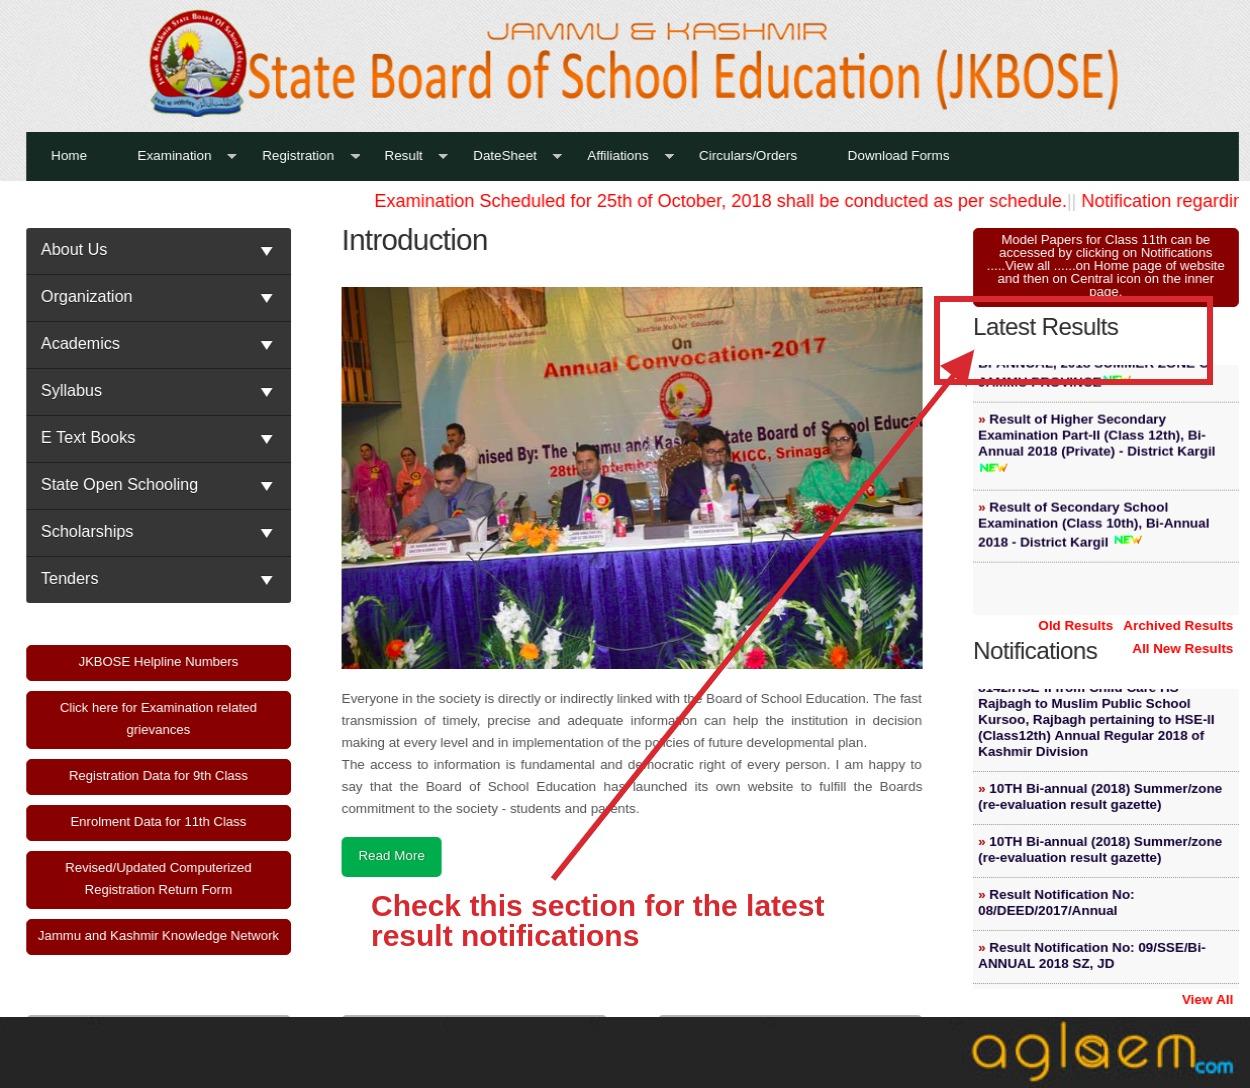 JKBOSE 12th Result 2018 for Annual Regular Session of Kashmir Division